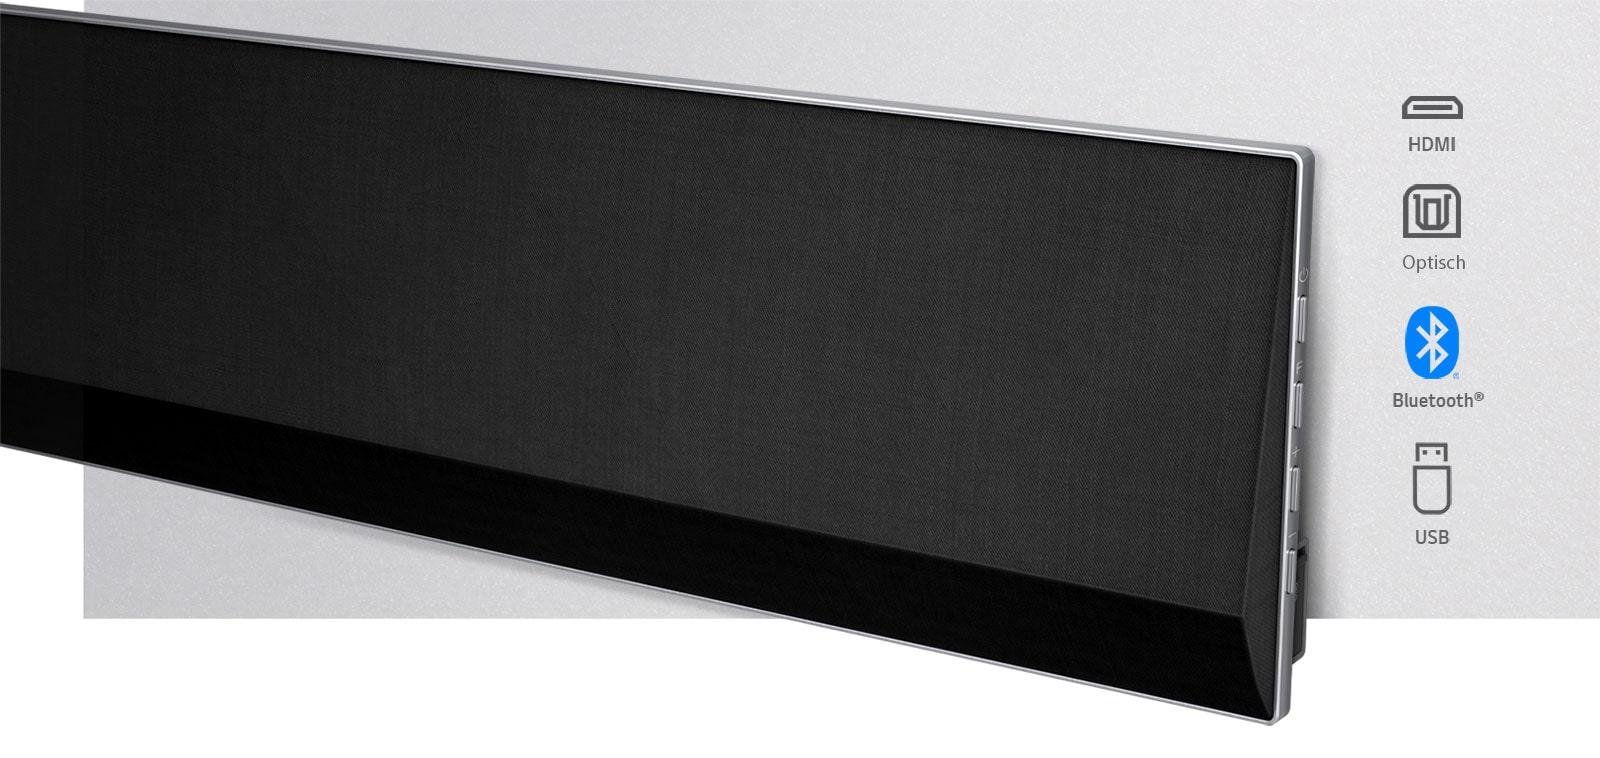 Eine leicht schräge Nahaufnahme der rechten Seite der LG Sound Bar. Konnektivitätssymbole werden rechts vom Produkt angezeigt.